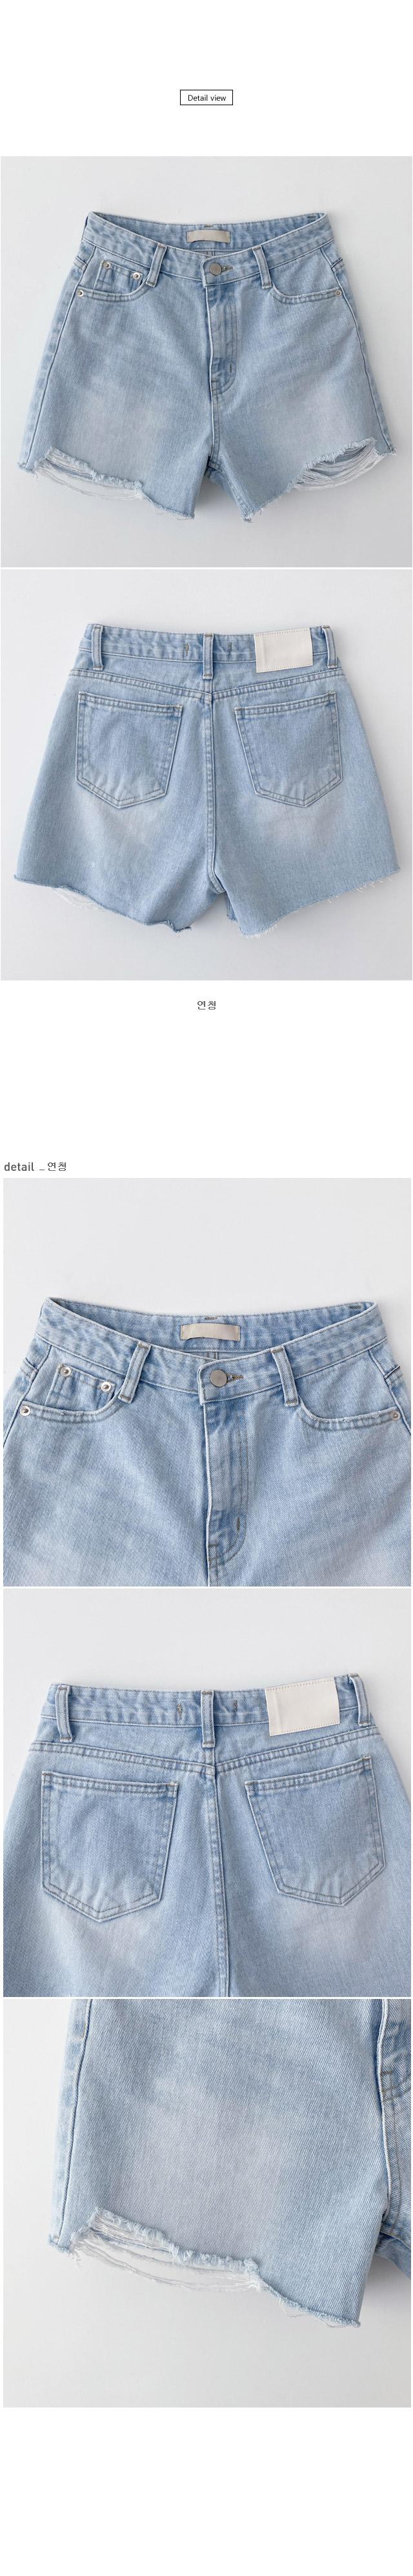 Do It Damage Half Denim Pants-L